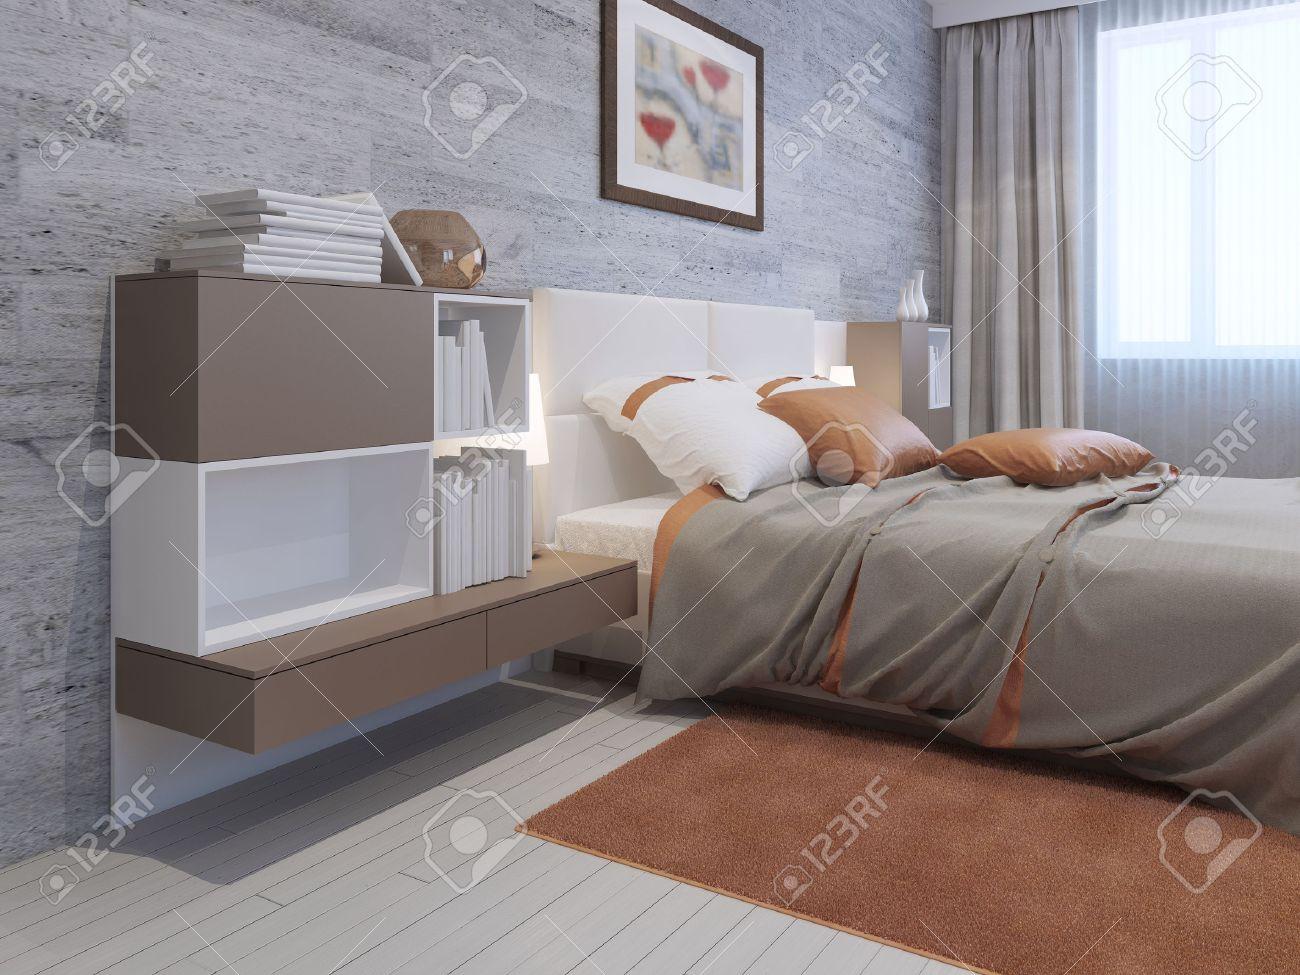 banque dimages mobilier art dco de la chambre chambre avec des murs de papier peint gris maonnerie revtement de sol lamilate lumire